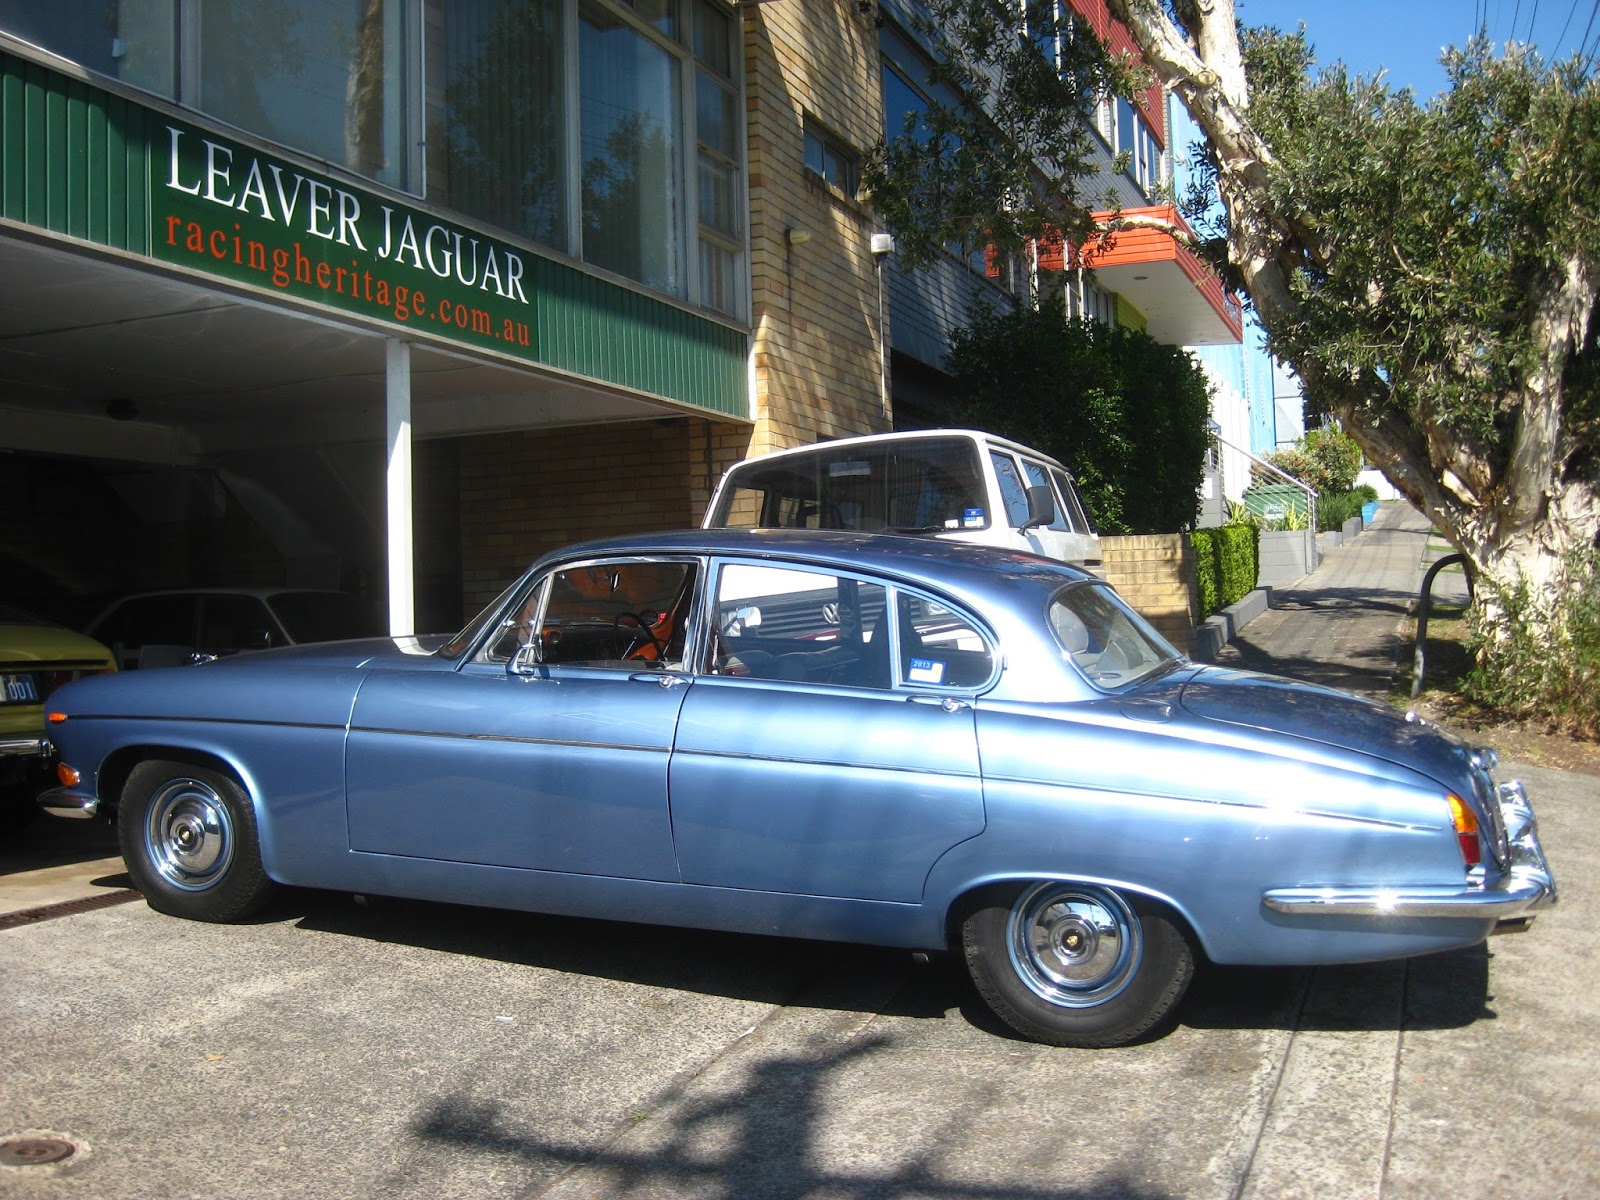 Aussie Old Parked Cars: 1970 Jaguar 420G